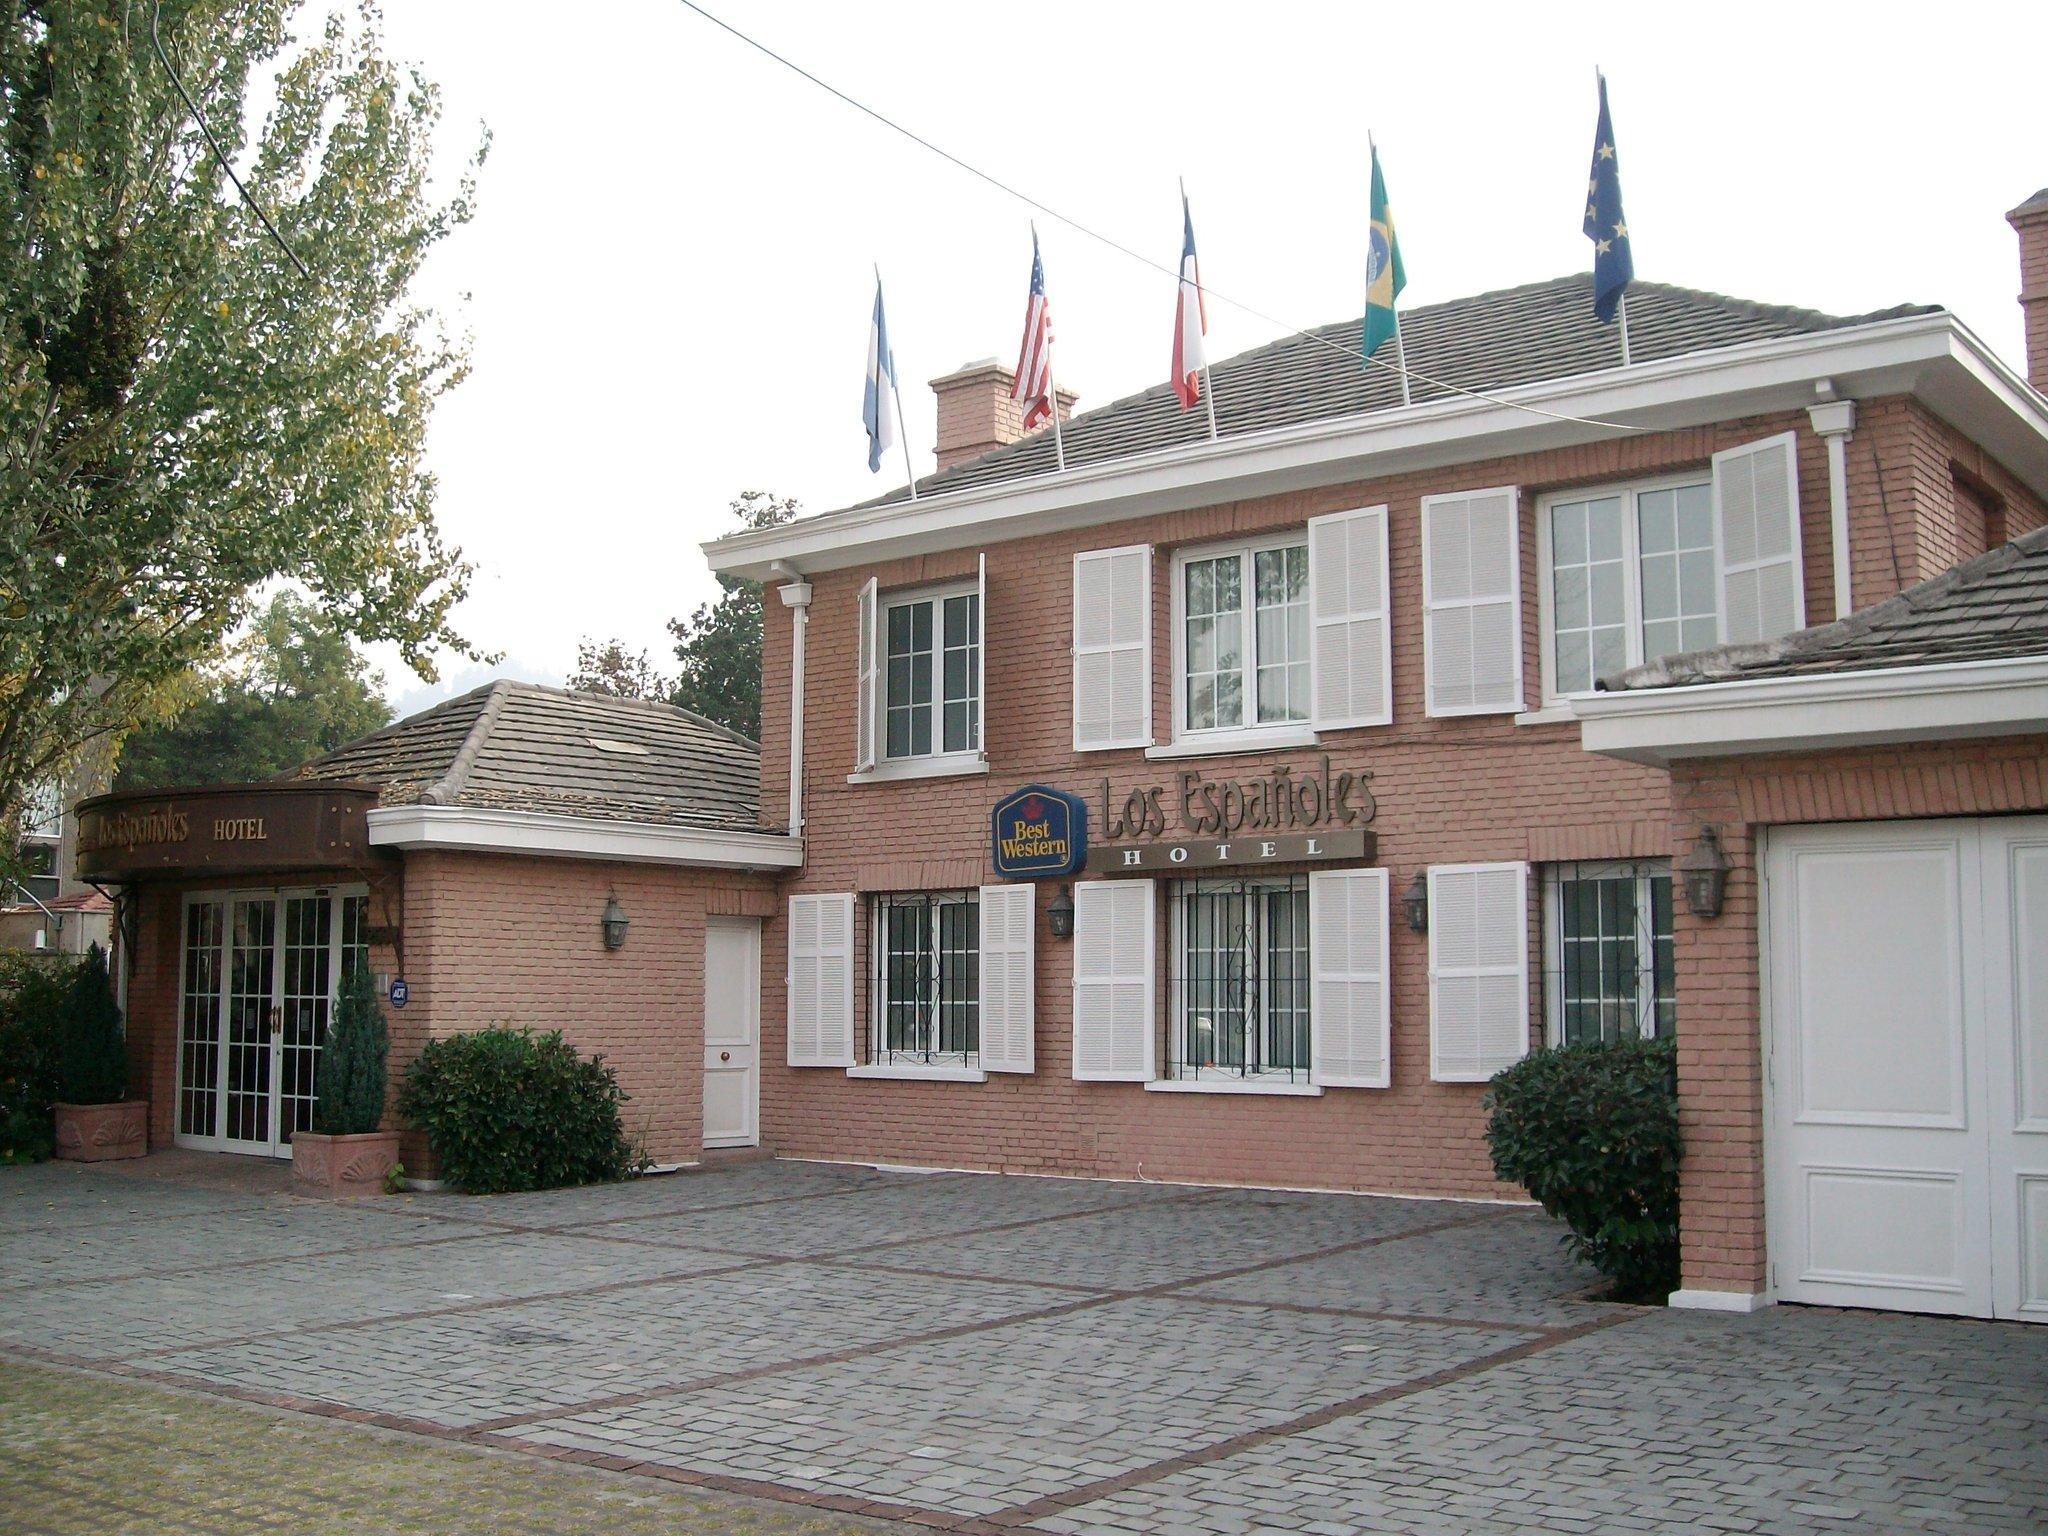 Los Espanoles Hotel